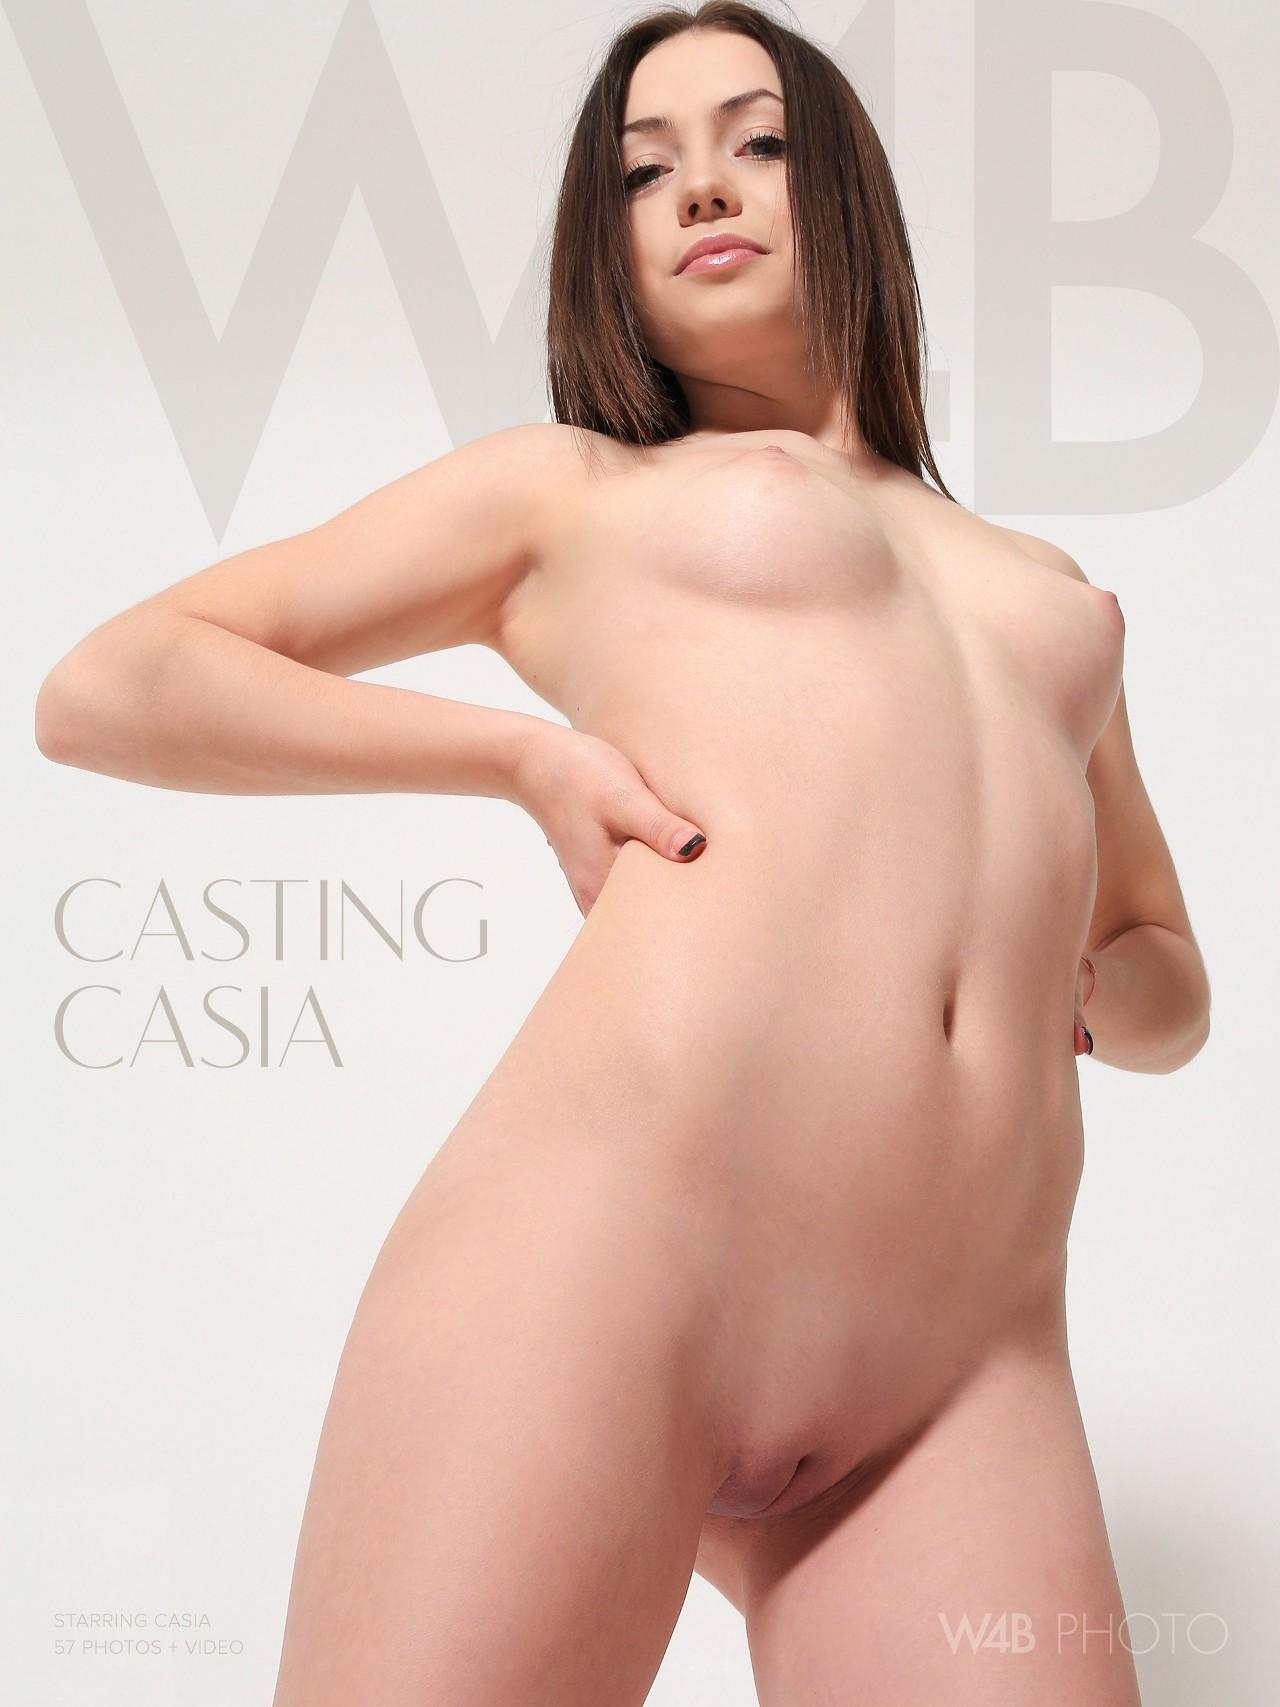 Casia: CASTING Casia